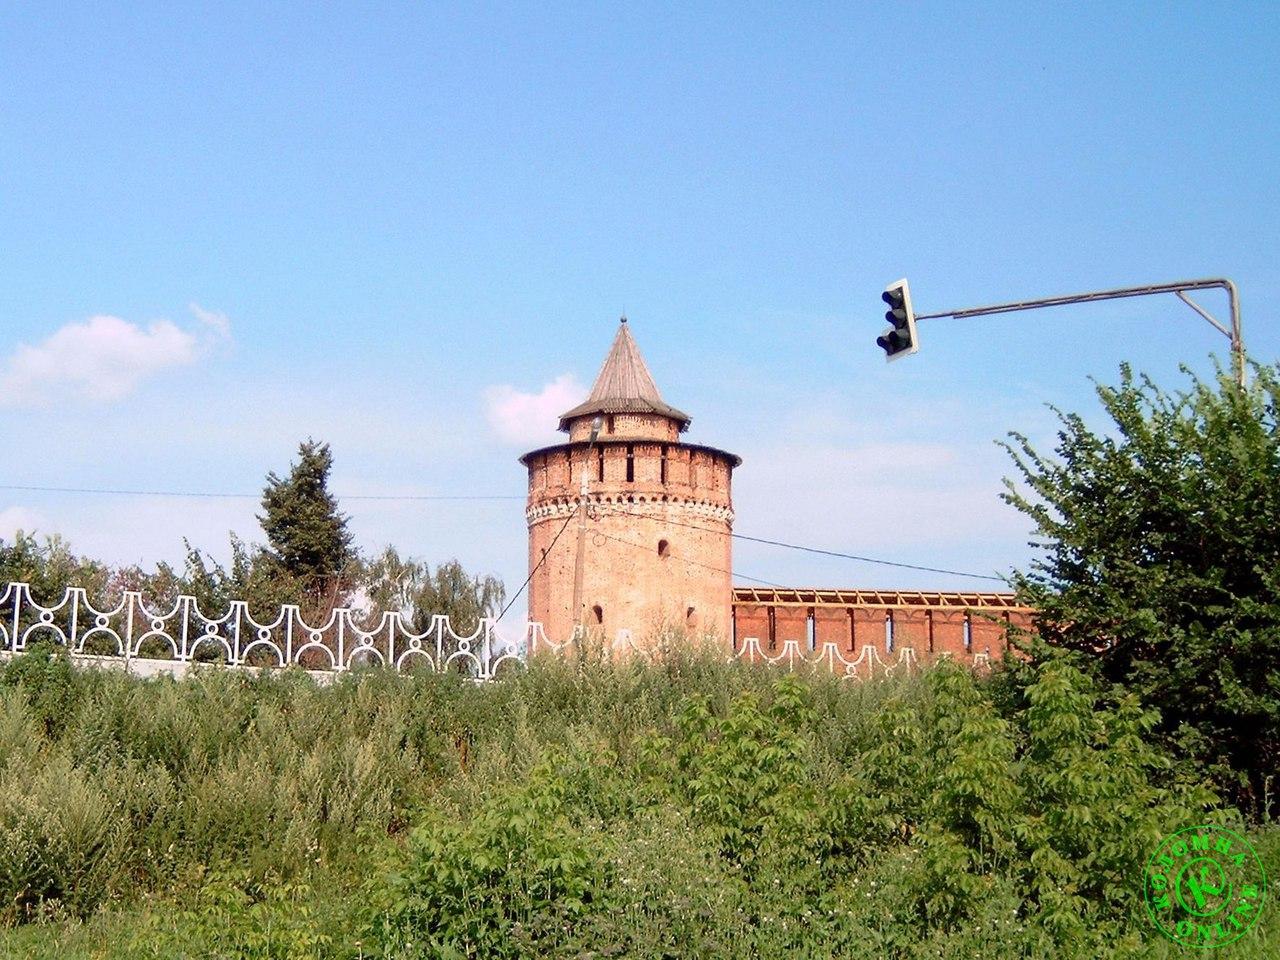 Достопримечательности Коломны: Коломенская (Маринкина) башня Коломенского кремля.